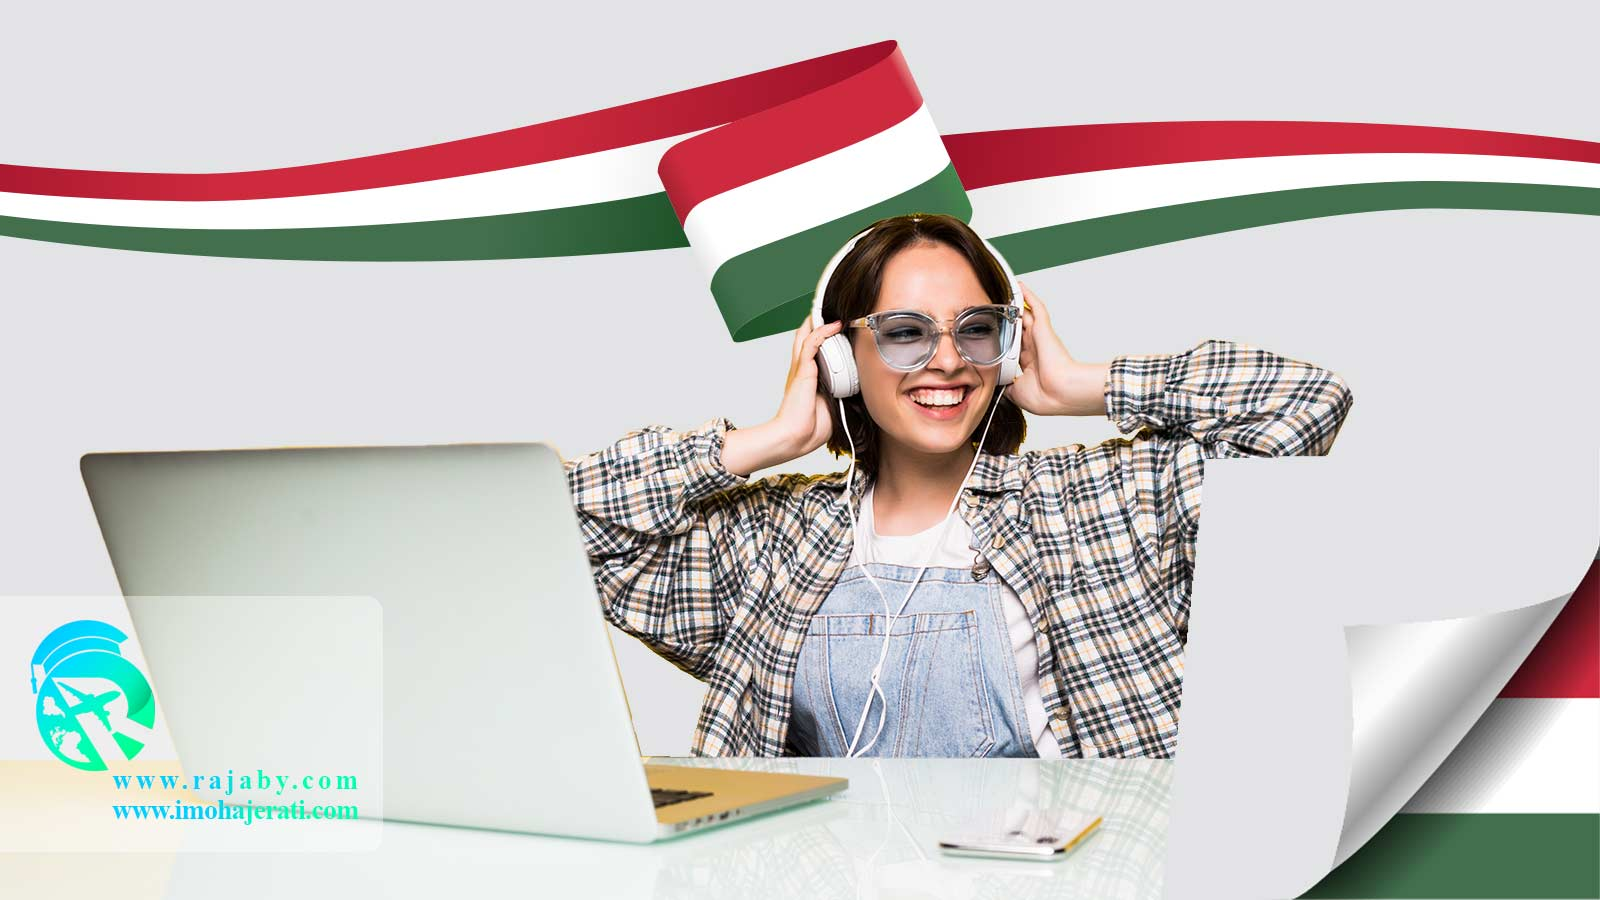 سیستم آموزشی مجارستان